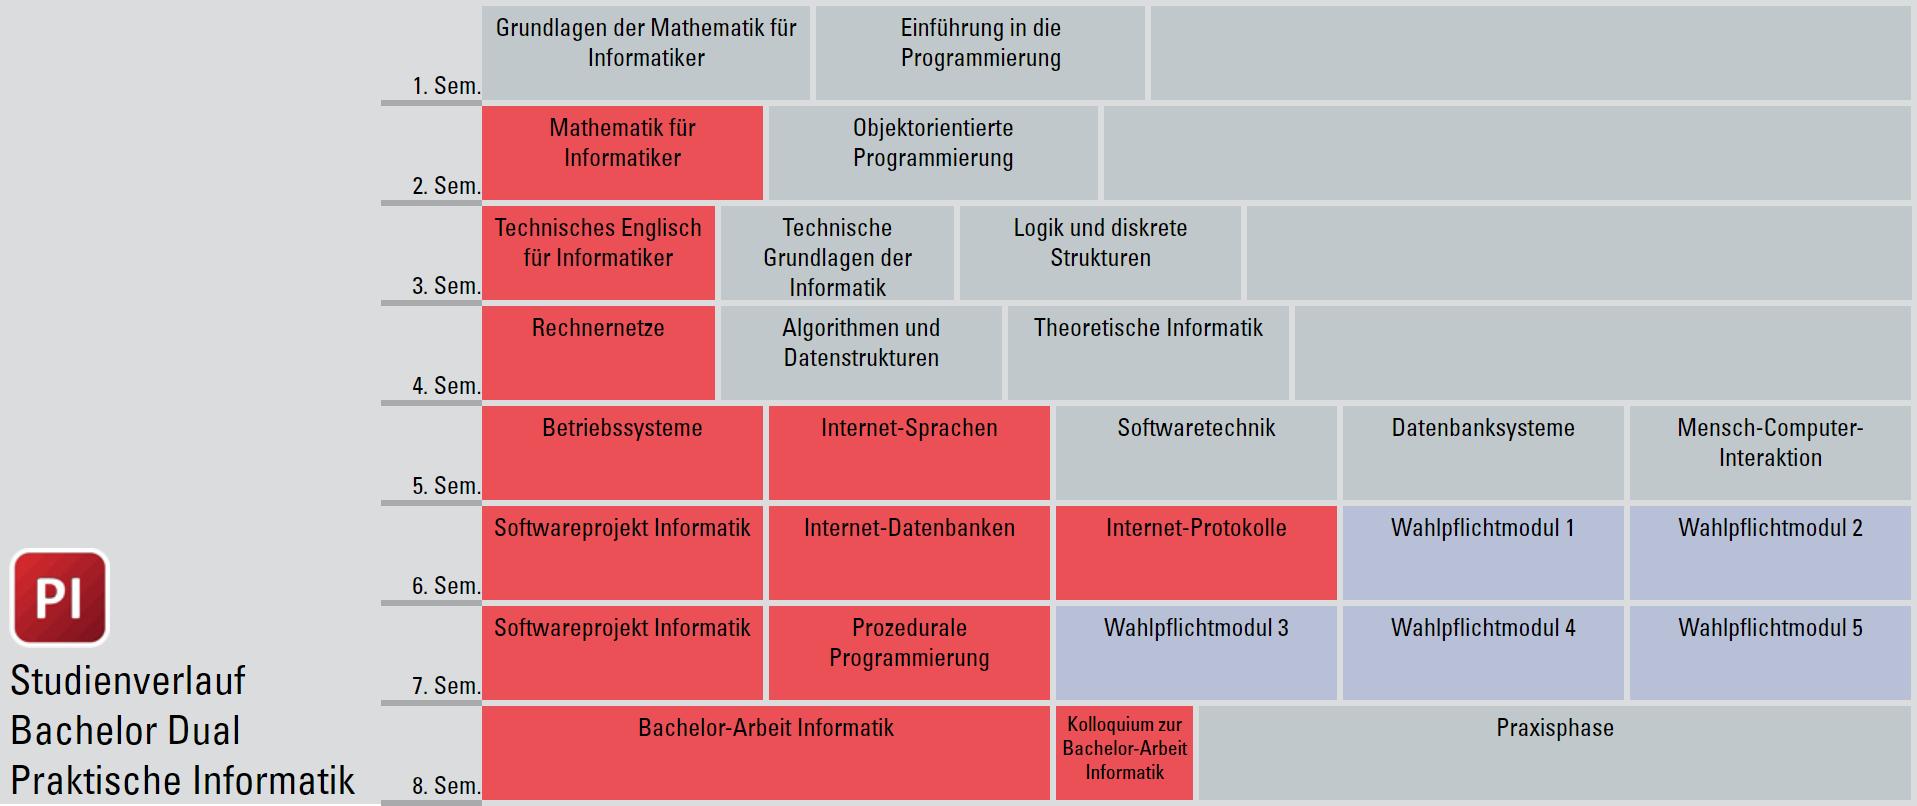 Studienverlaufsplan Bachelor Dual Informatik (PI)